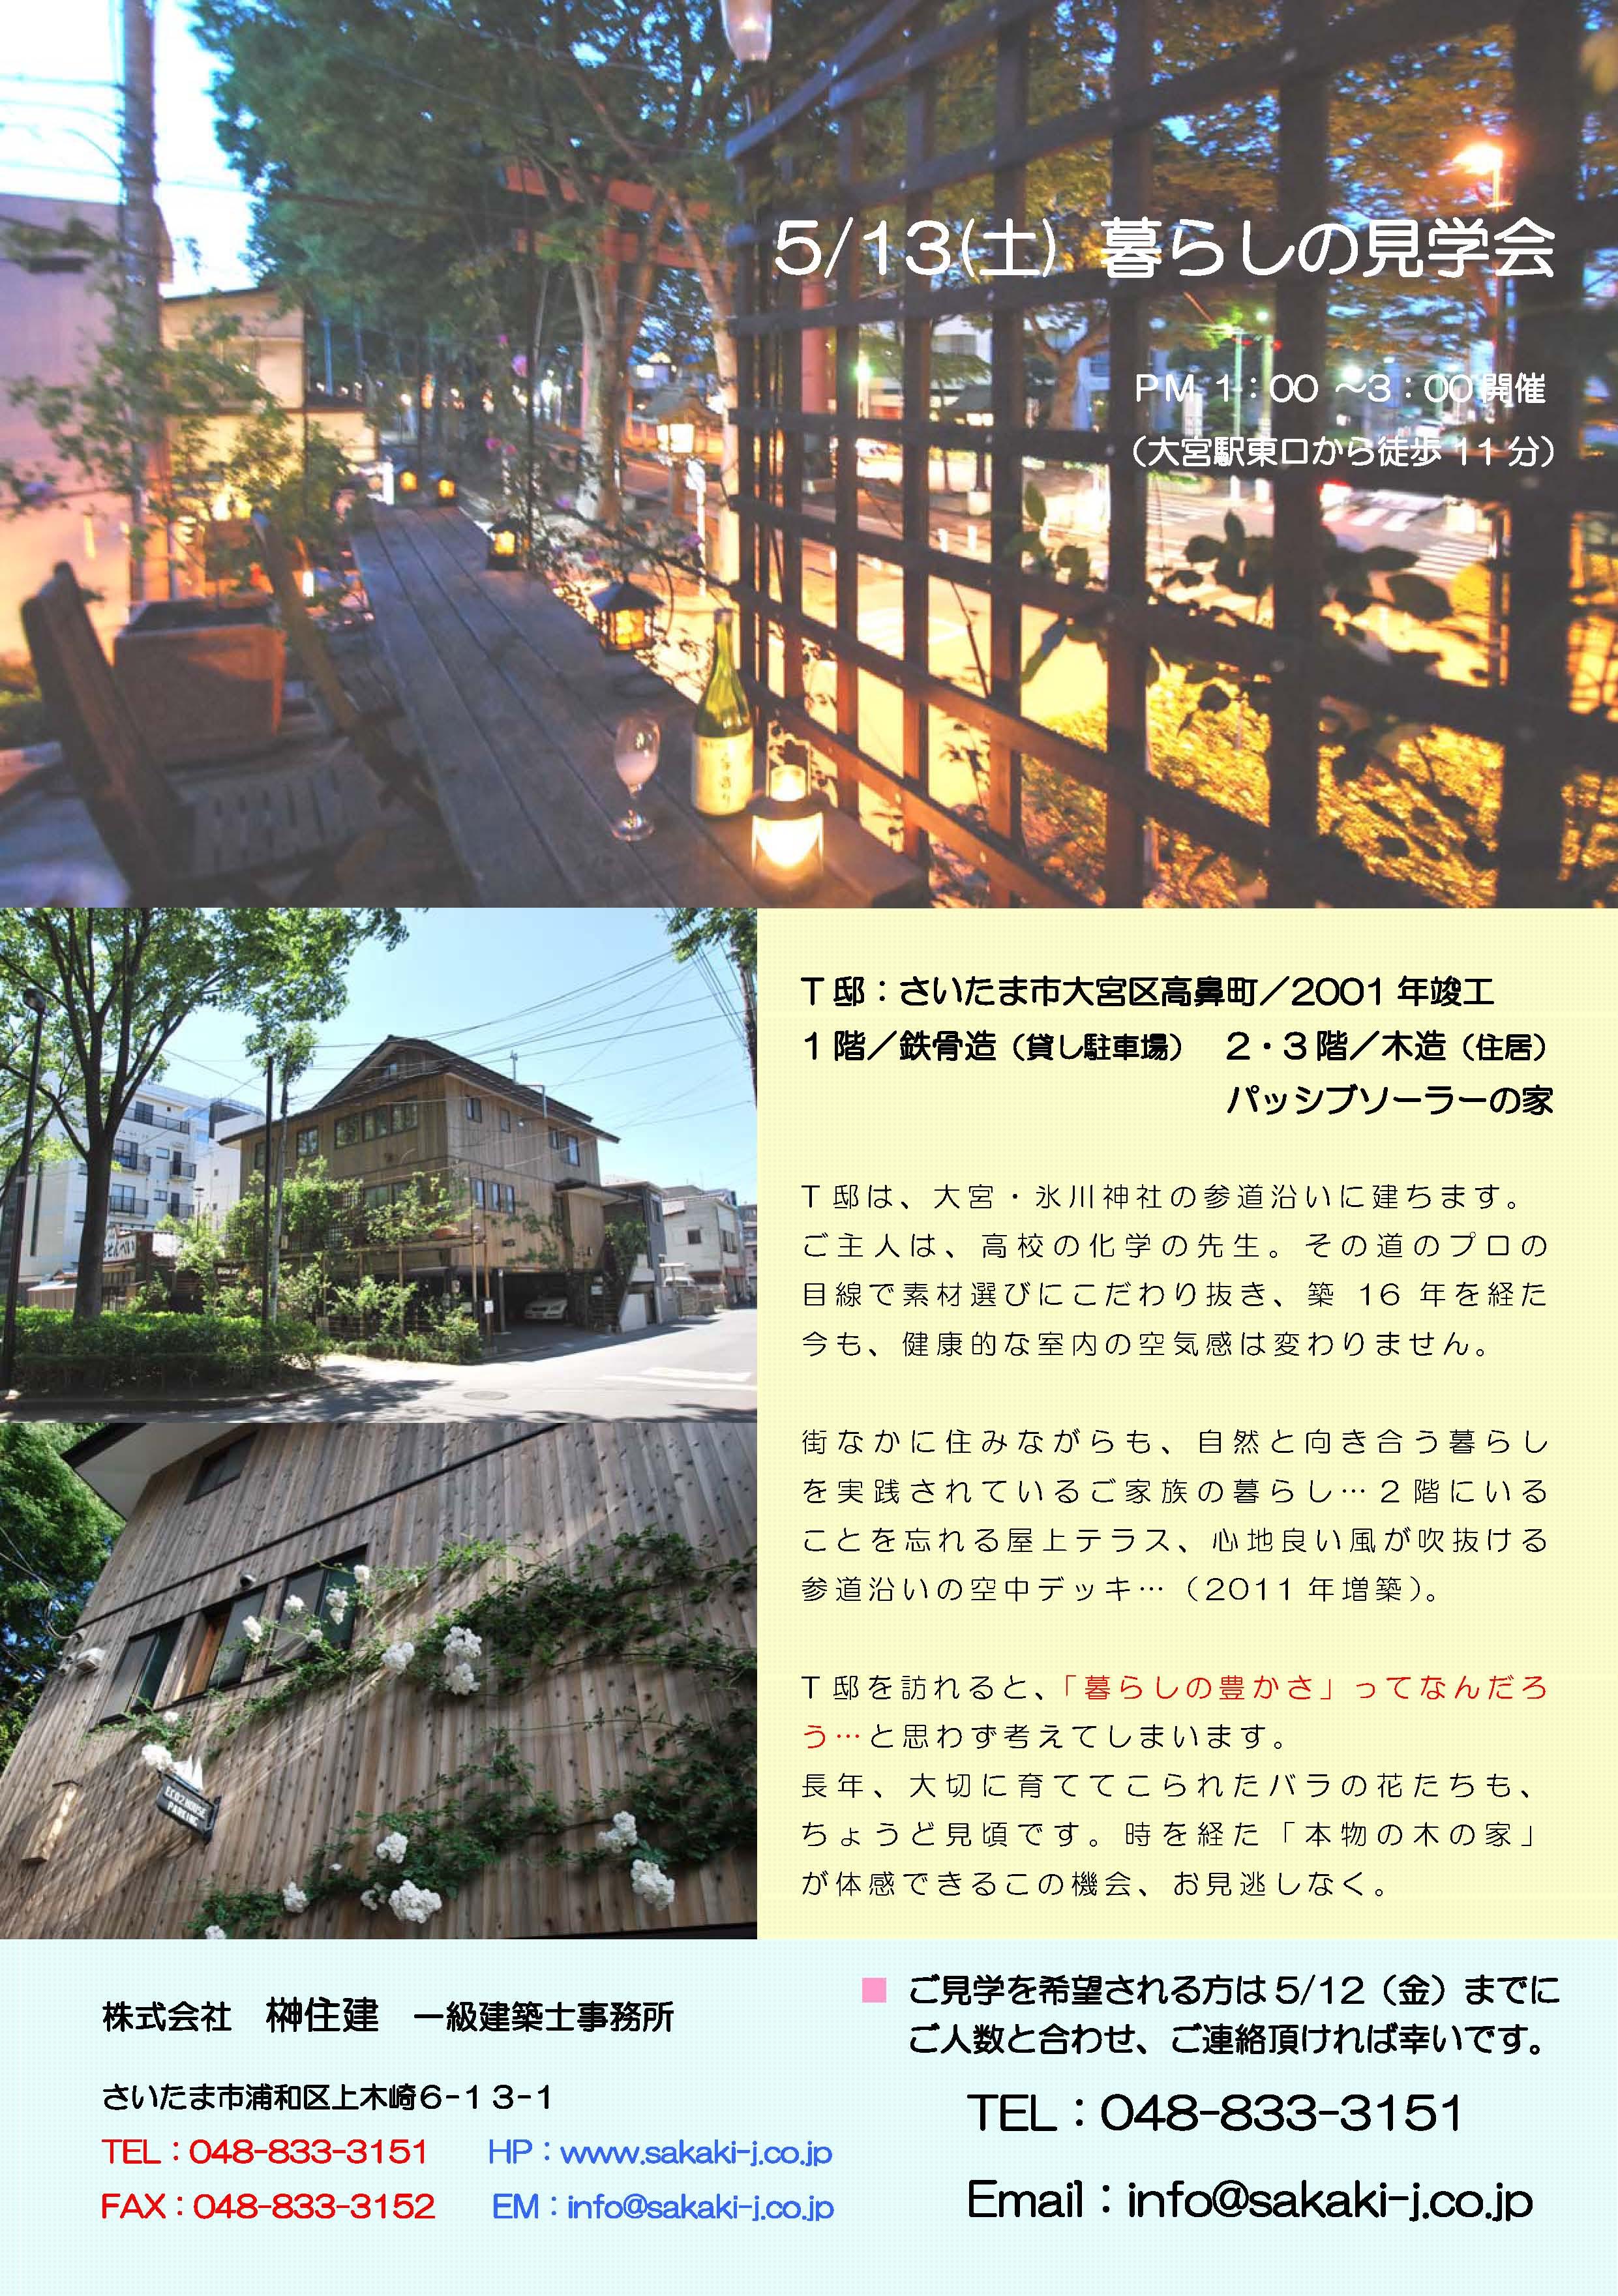 5/13(土) 【暮らしの見学会】 at さいたま市大宮区